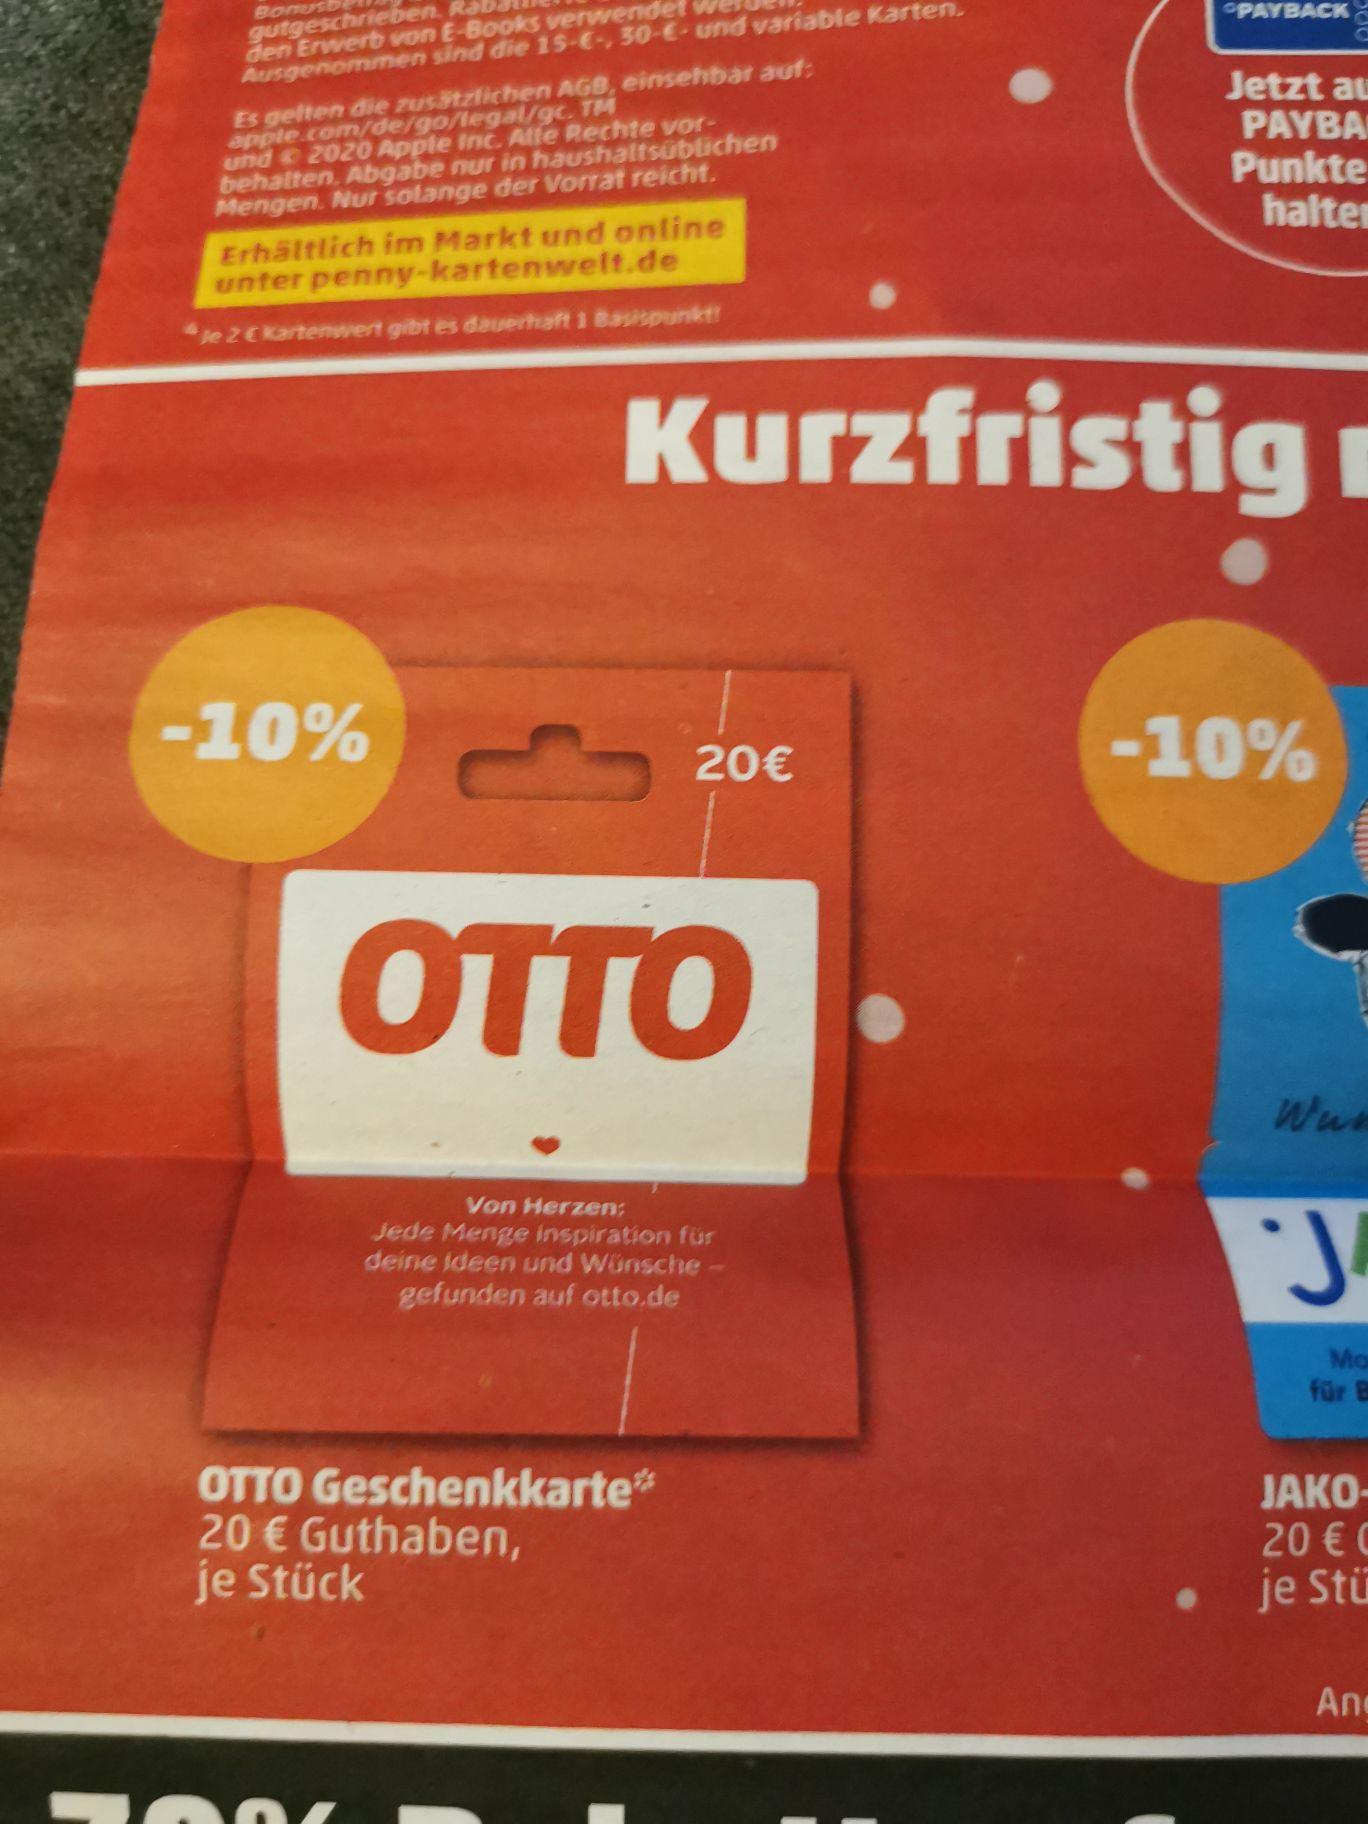 [Penny] 10% Rabatt auf Otto Geschenkkarte // 15% Bonus Guthaben für Apple iTunes // 15% Hunkemöller Geschenkkarte